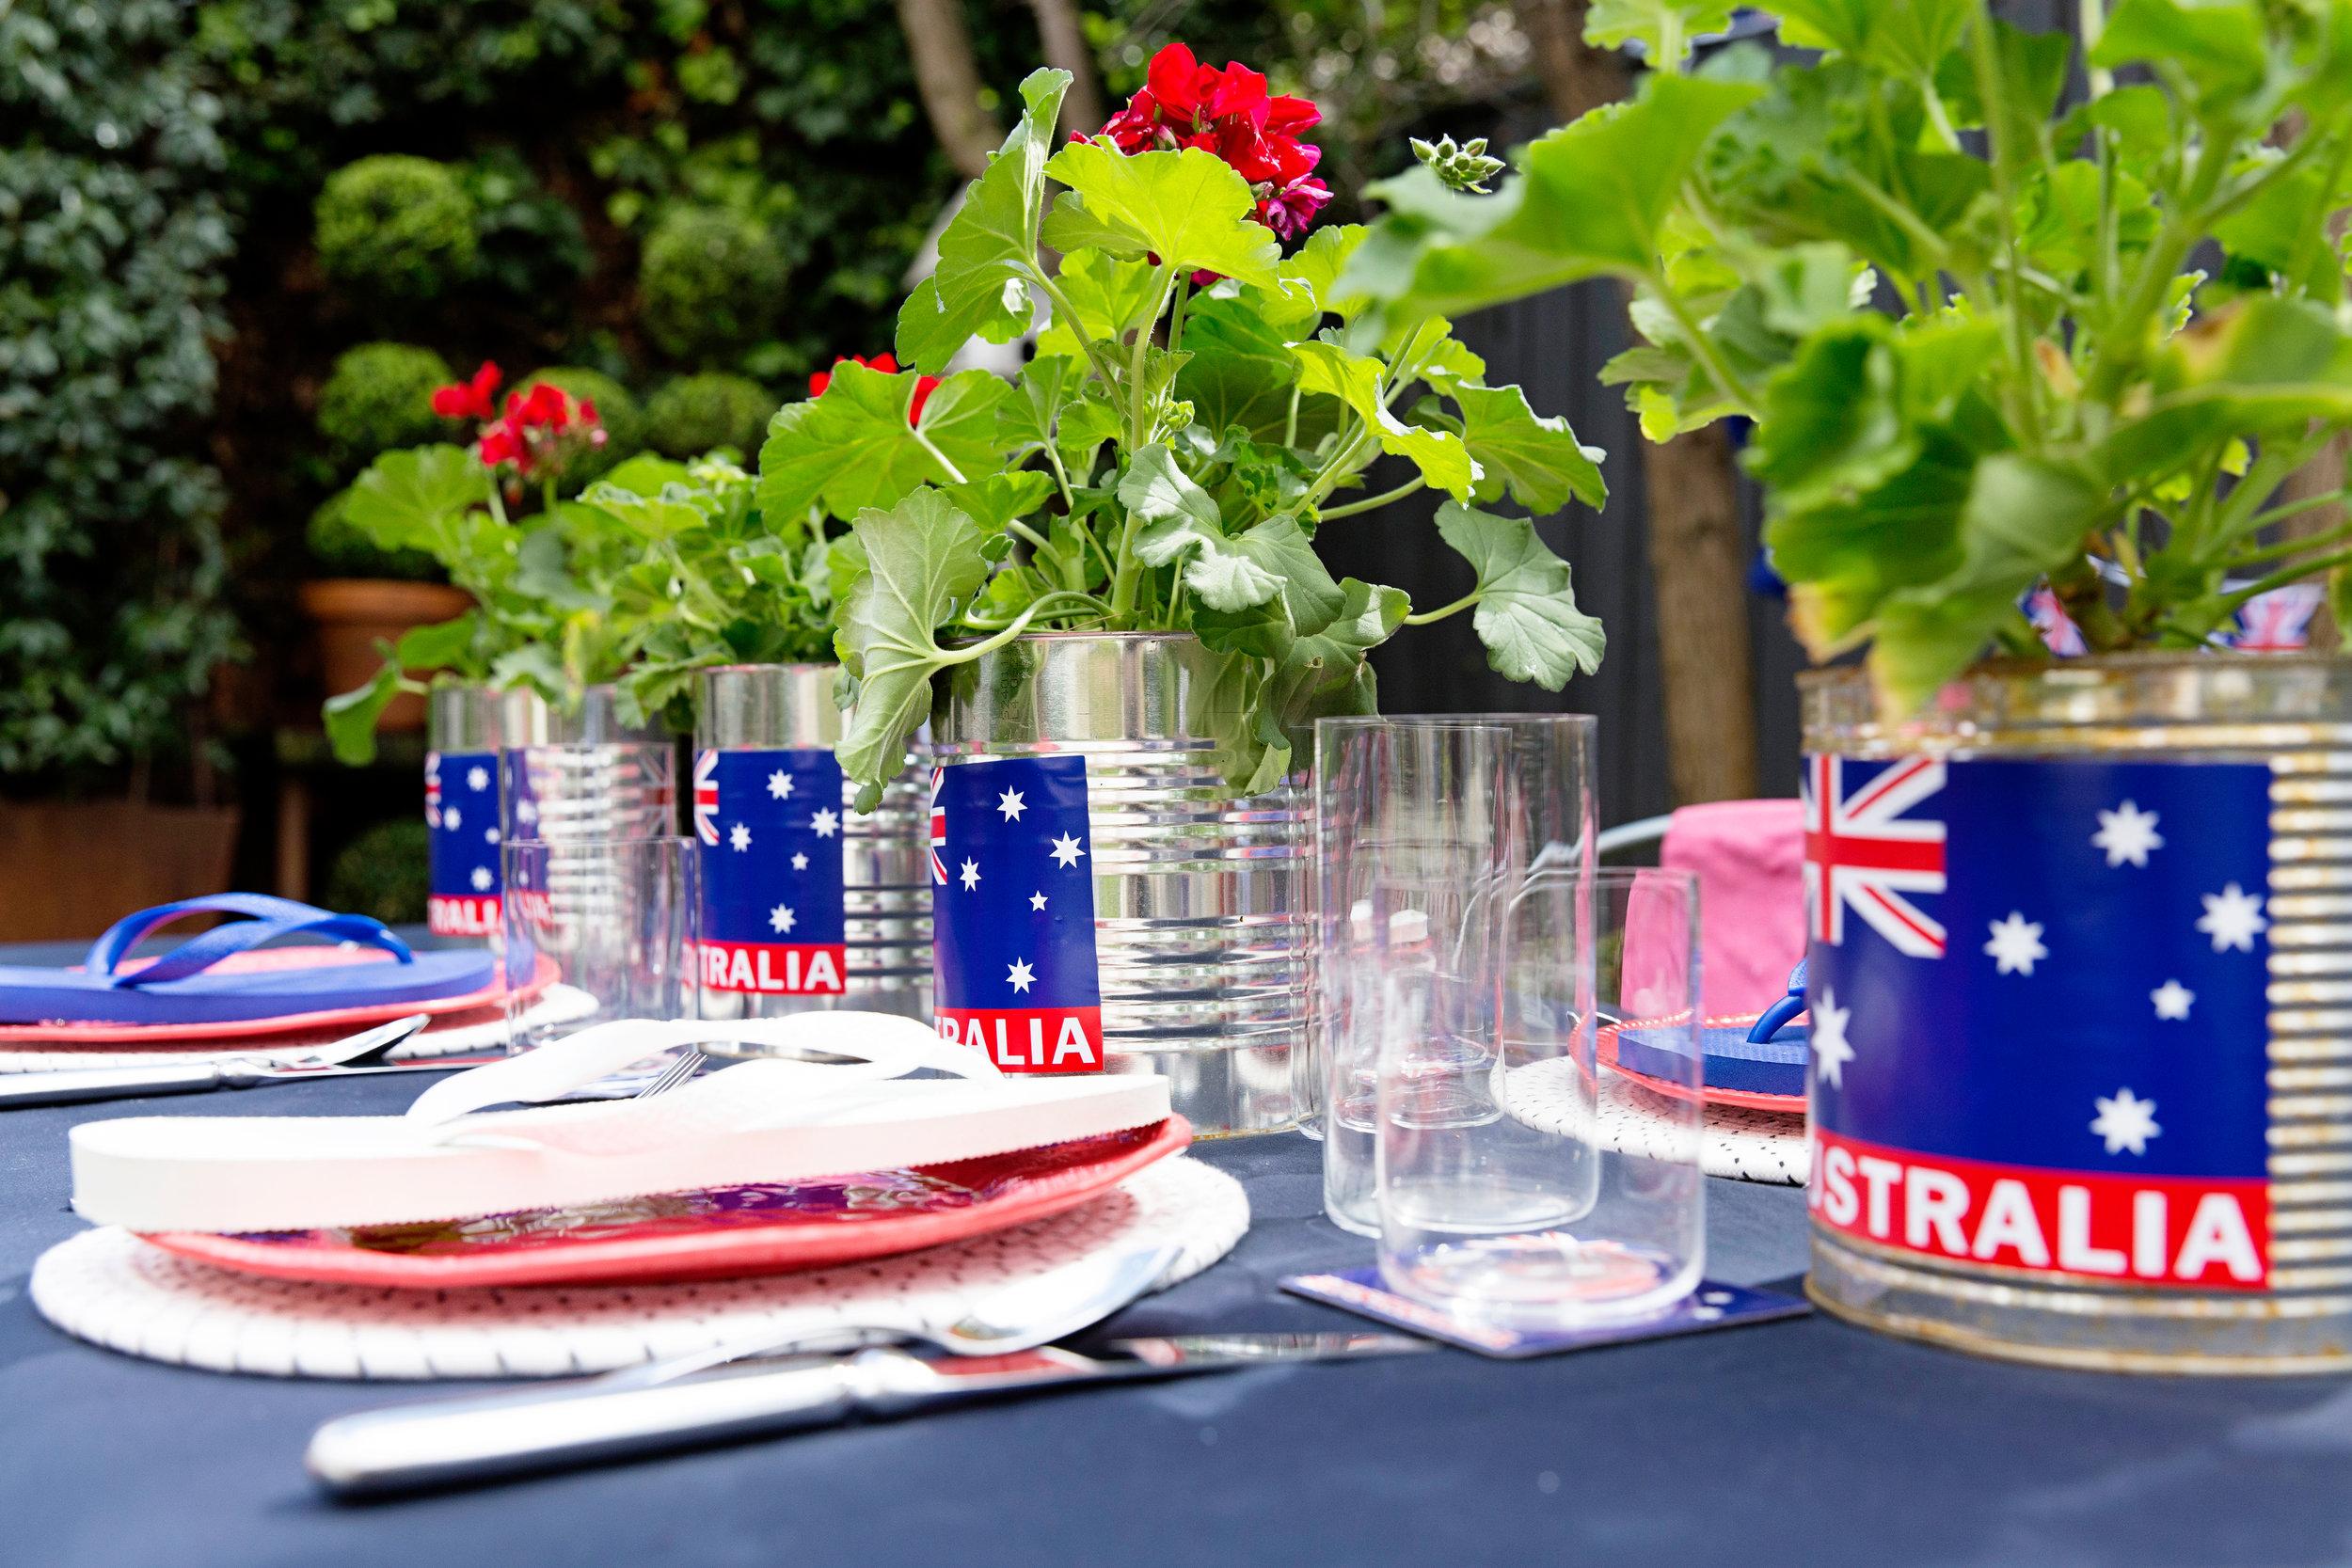 Australia Day Table 025-1.jpg